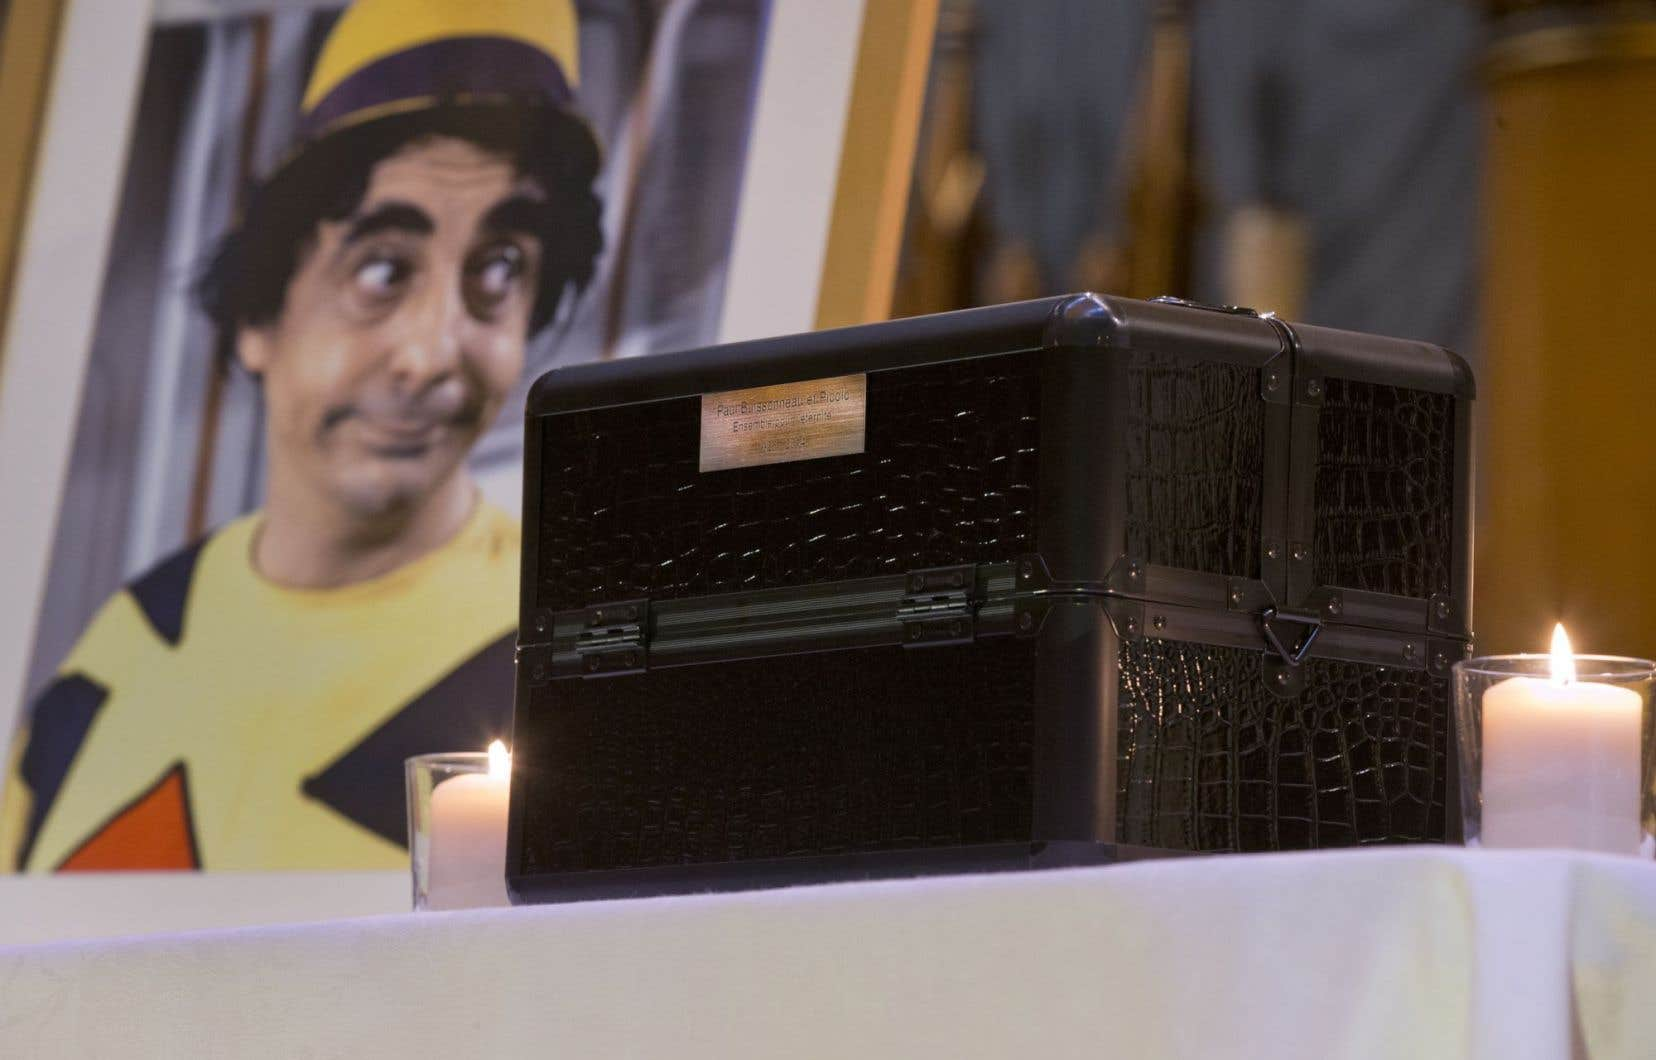 Urne peu commune pour l'homme de théâtre Paul Buissonneau: une ancienne boite de maquillage, sobrement rehaussée d'une plaque de laiton à sa mémoire.